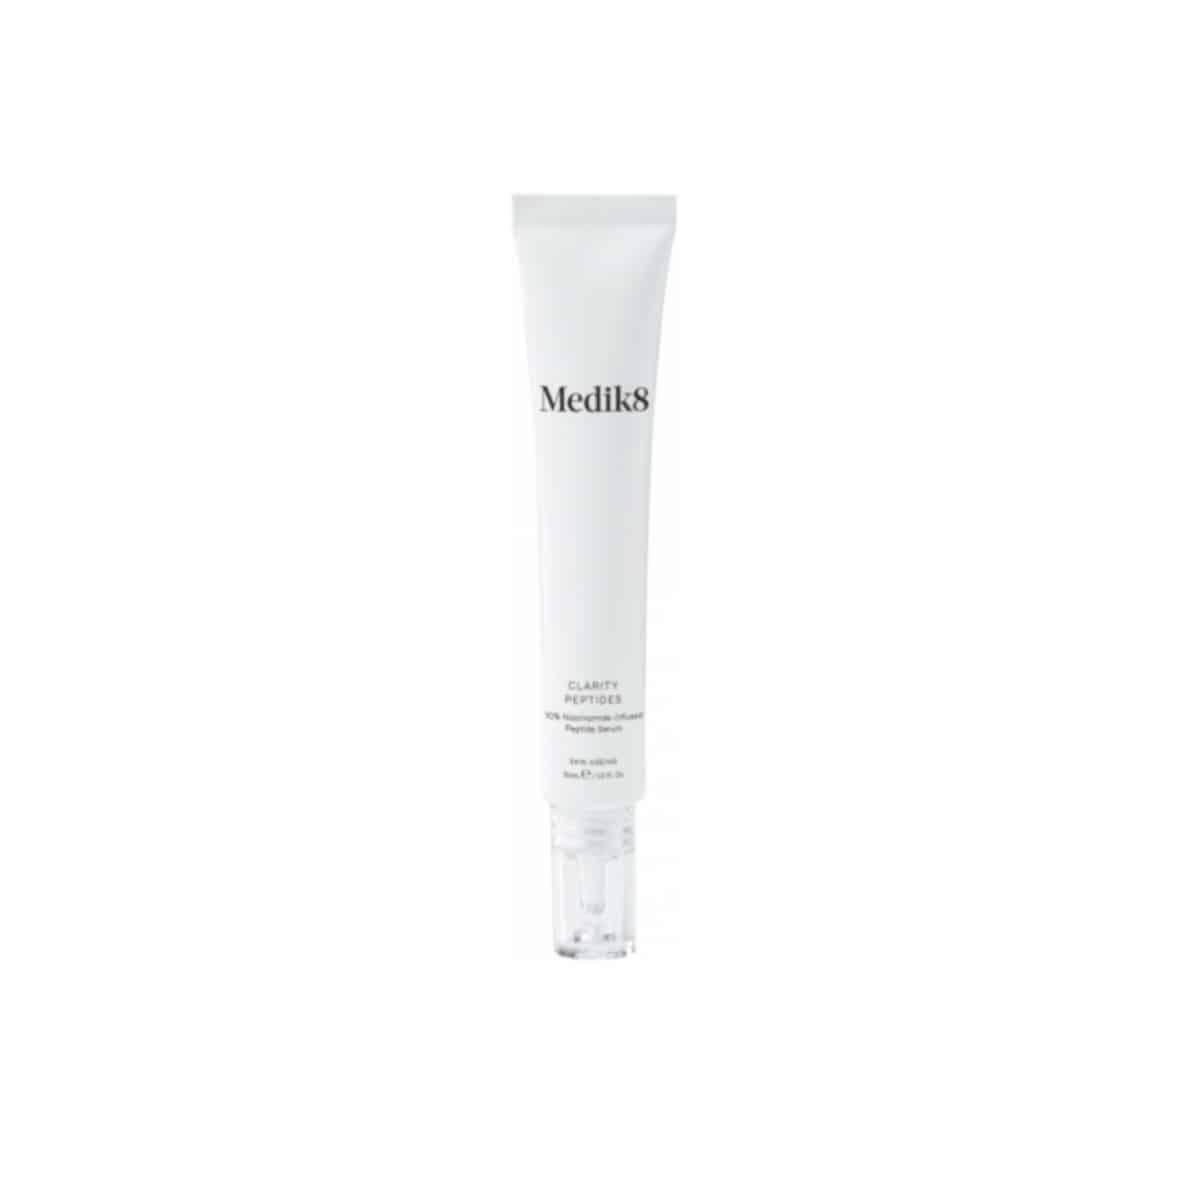 Medik8 Clarity Peptides Ireland